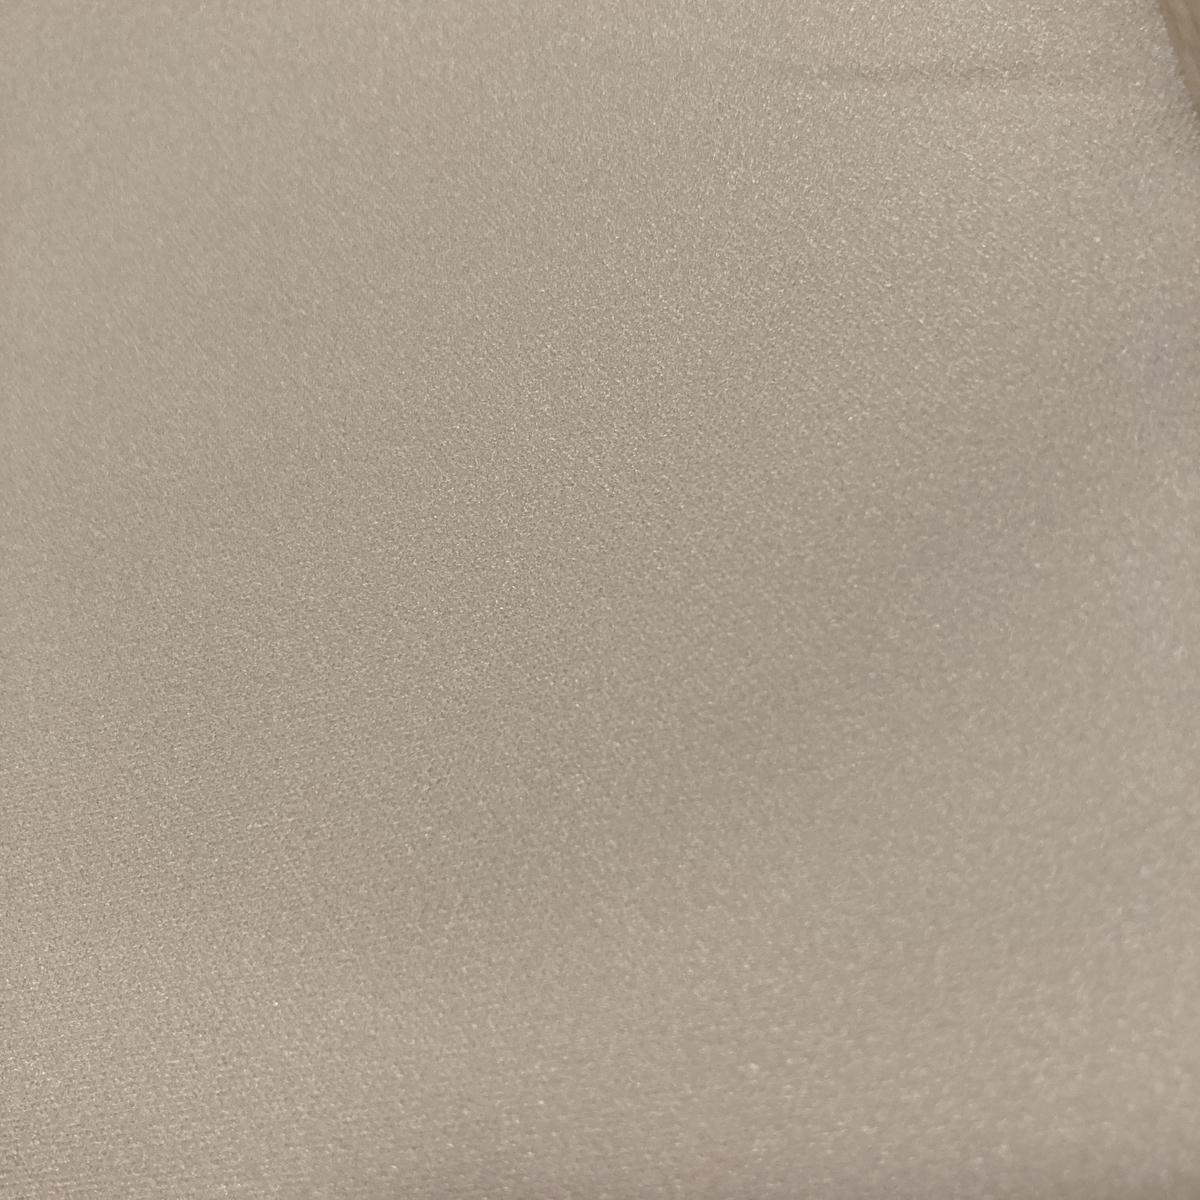 どこでもミラー TATTA スタンドミラー 鏡 姿見 自立式 壁掛け ミラー 全身鏡 全身ミラー 壁面ミラー 日本製 フィルムミラー 割れない鏡 大型ミラー 自立 薄い 180cm 2cm 立て掛け